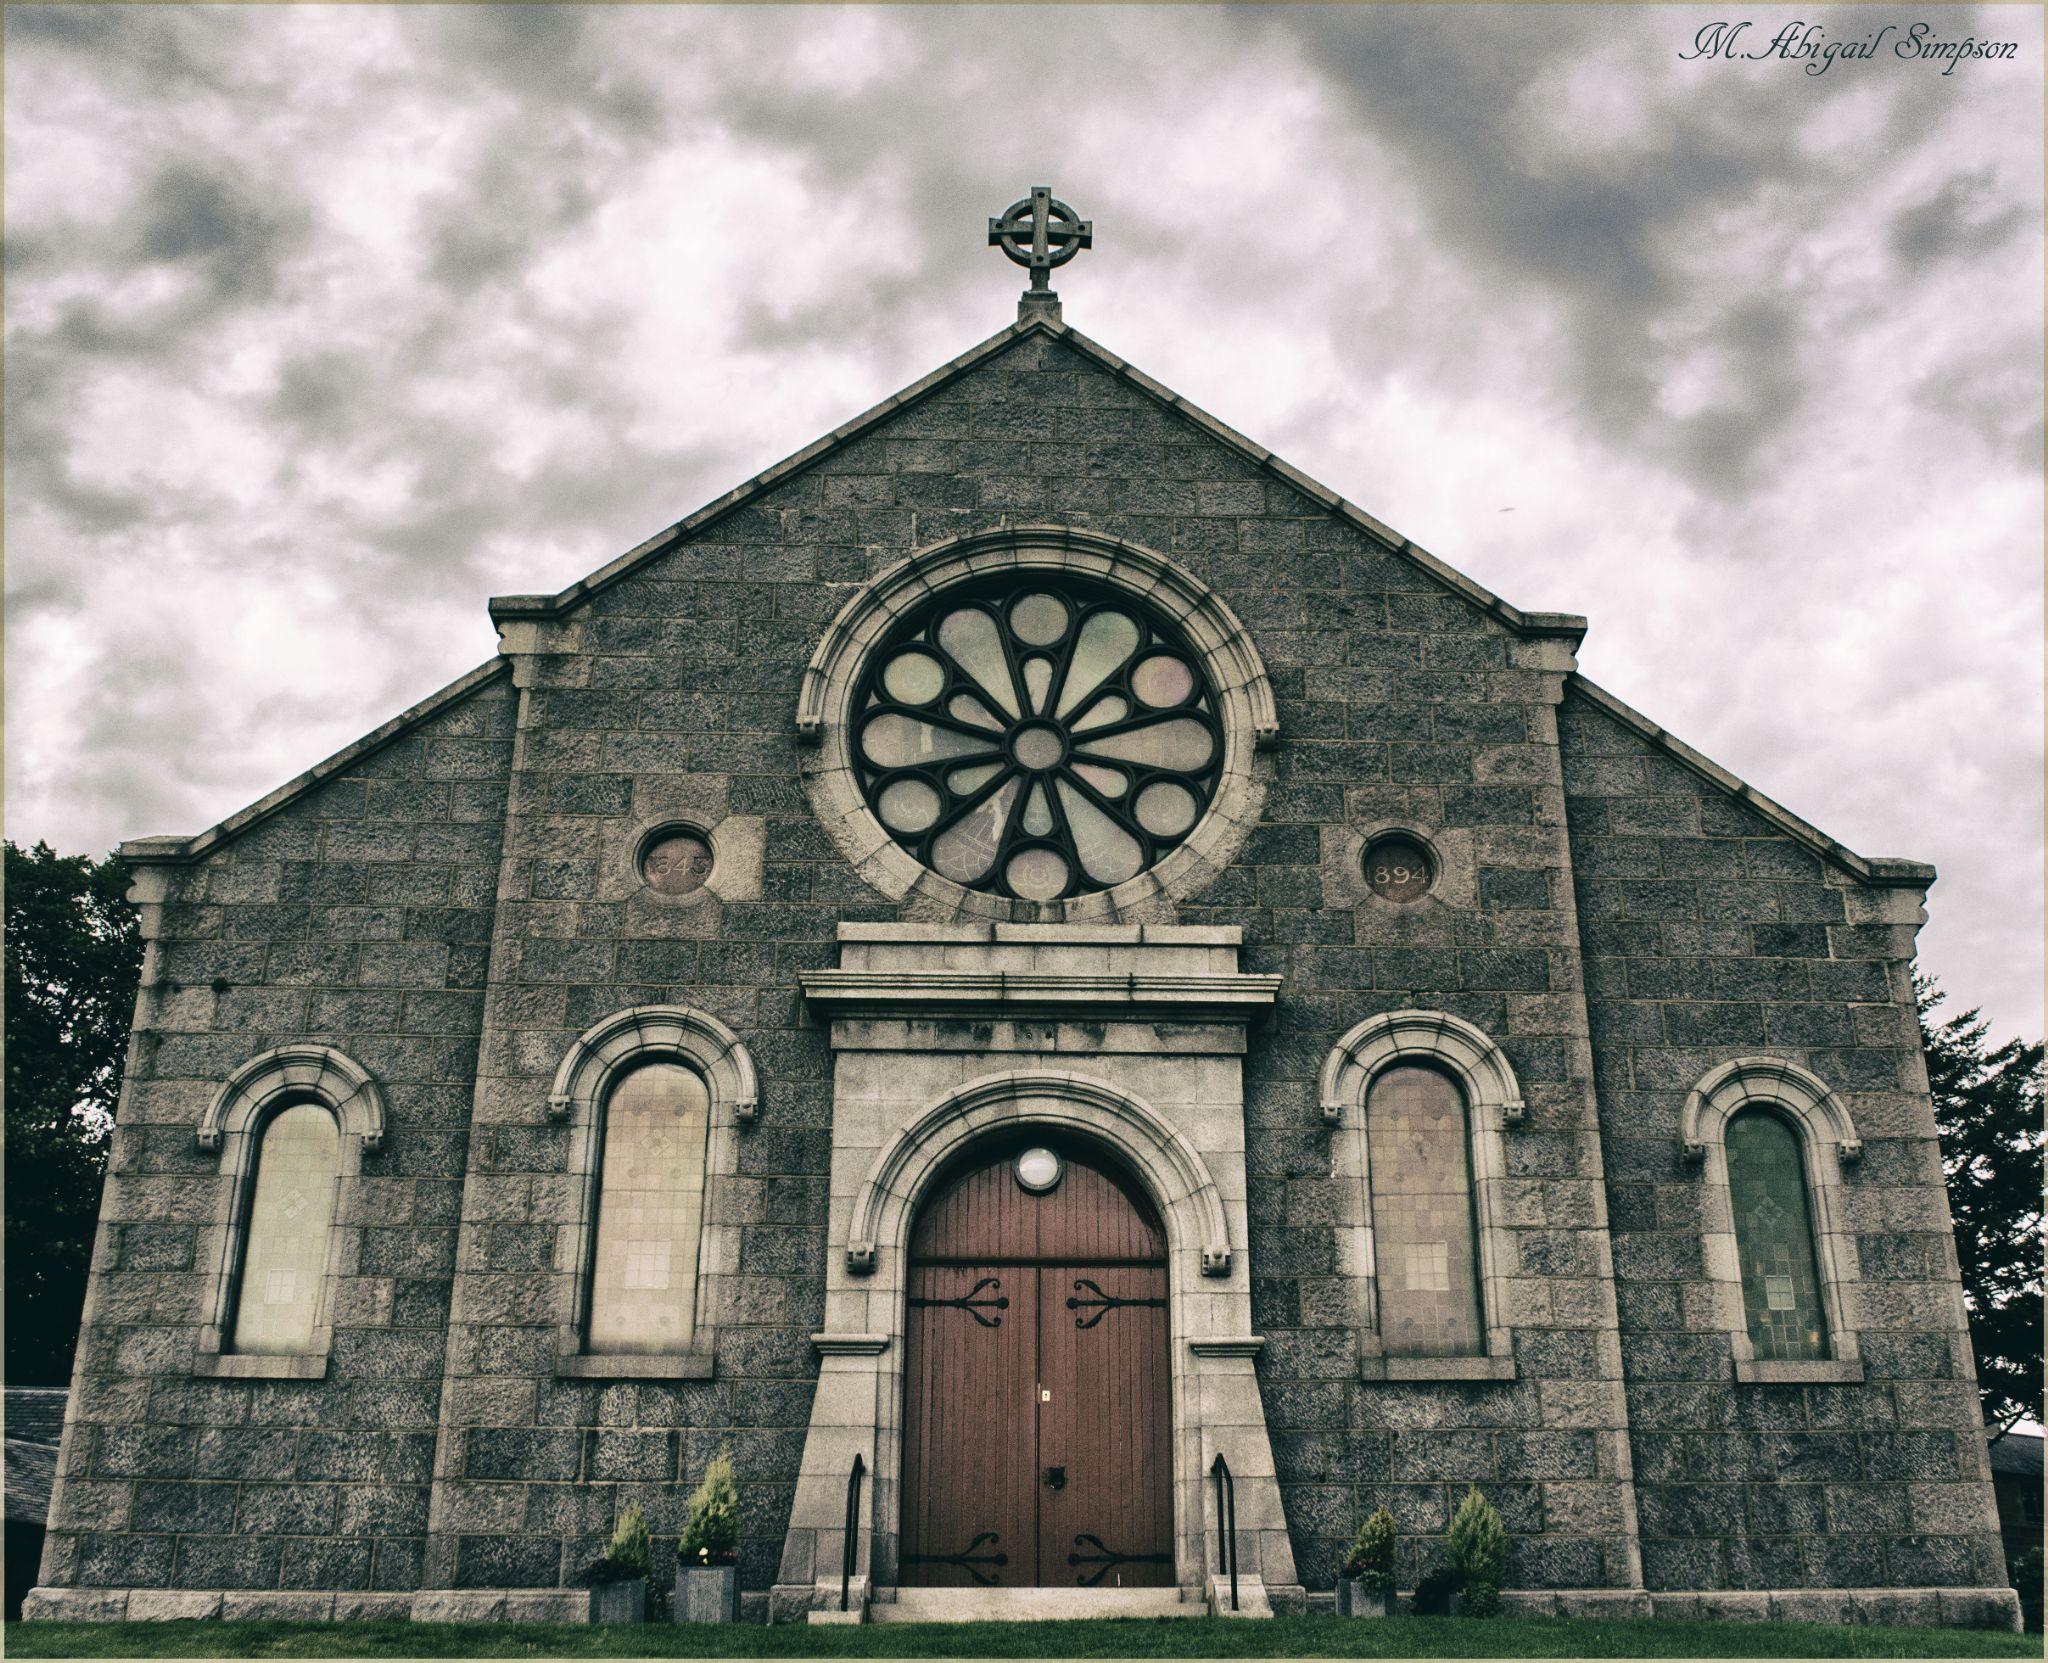 Peterculter Parish Church by Abigail Simpson